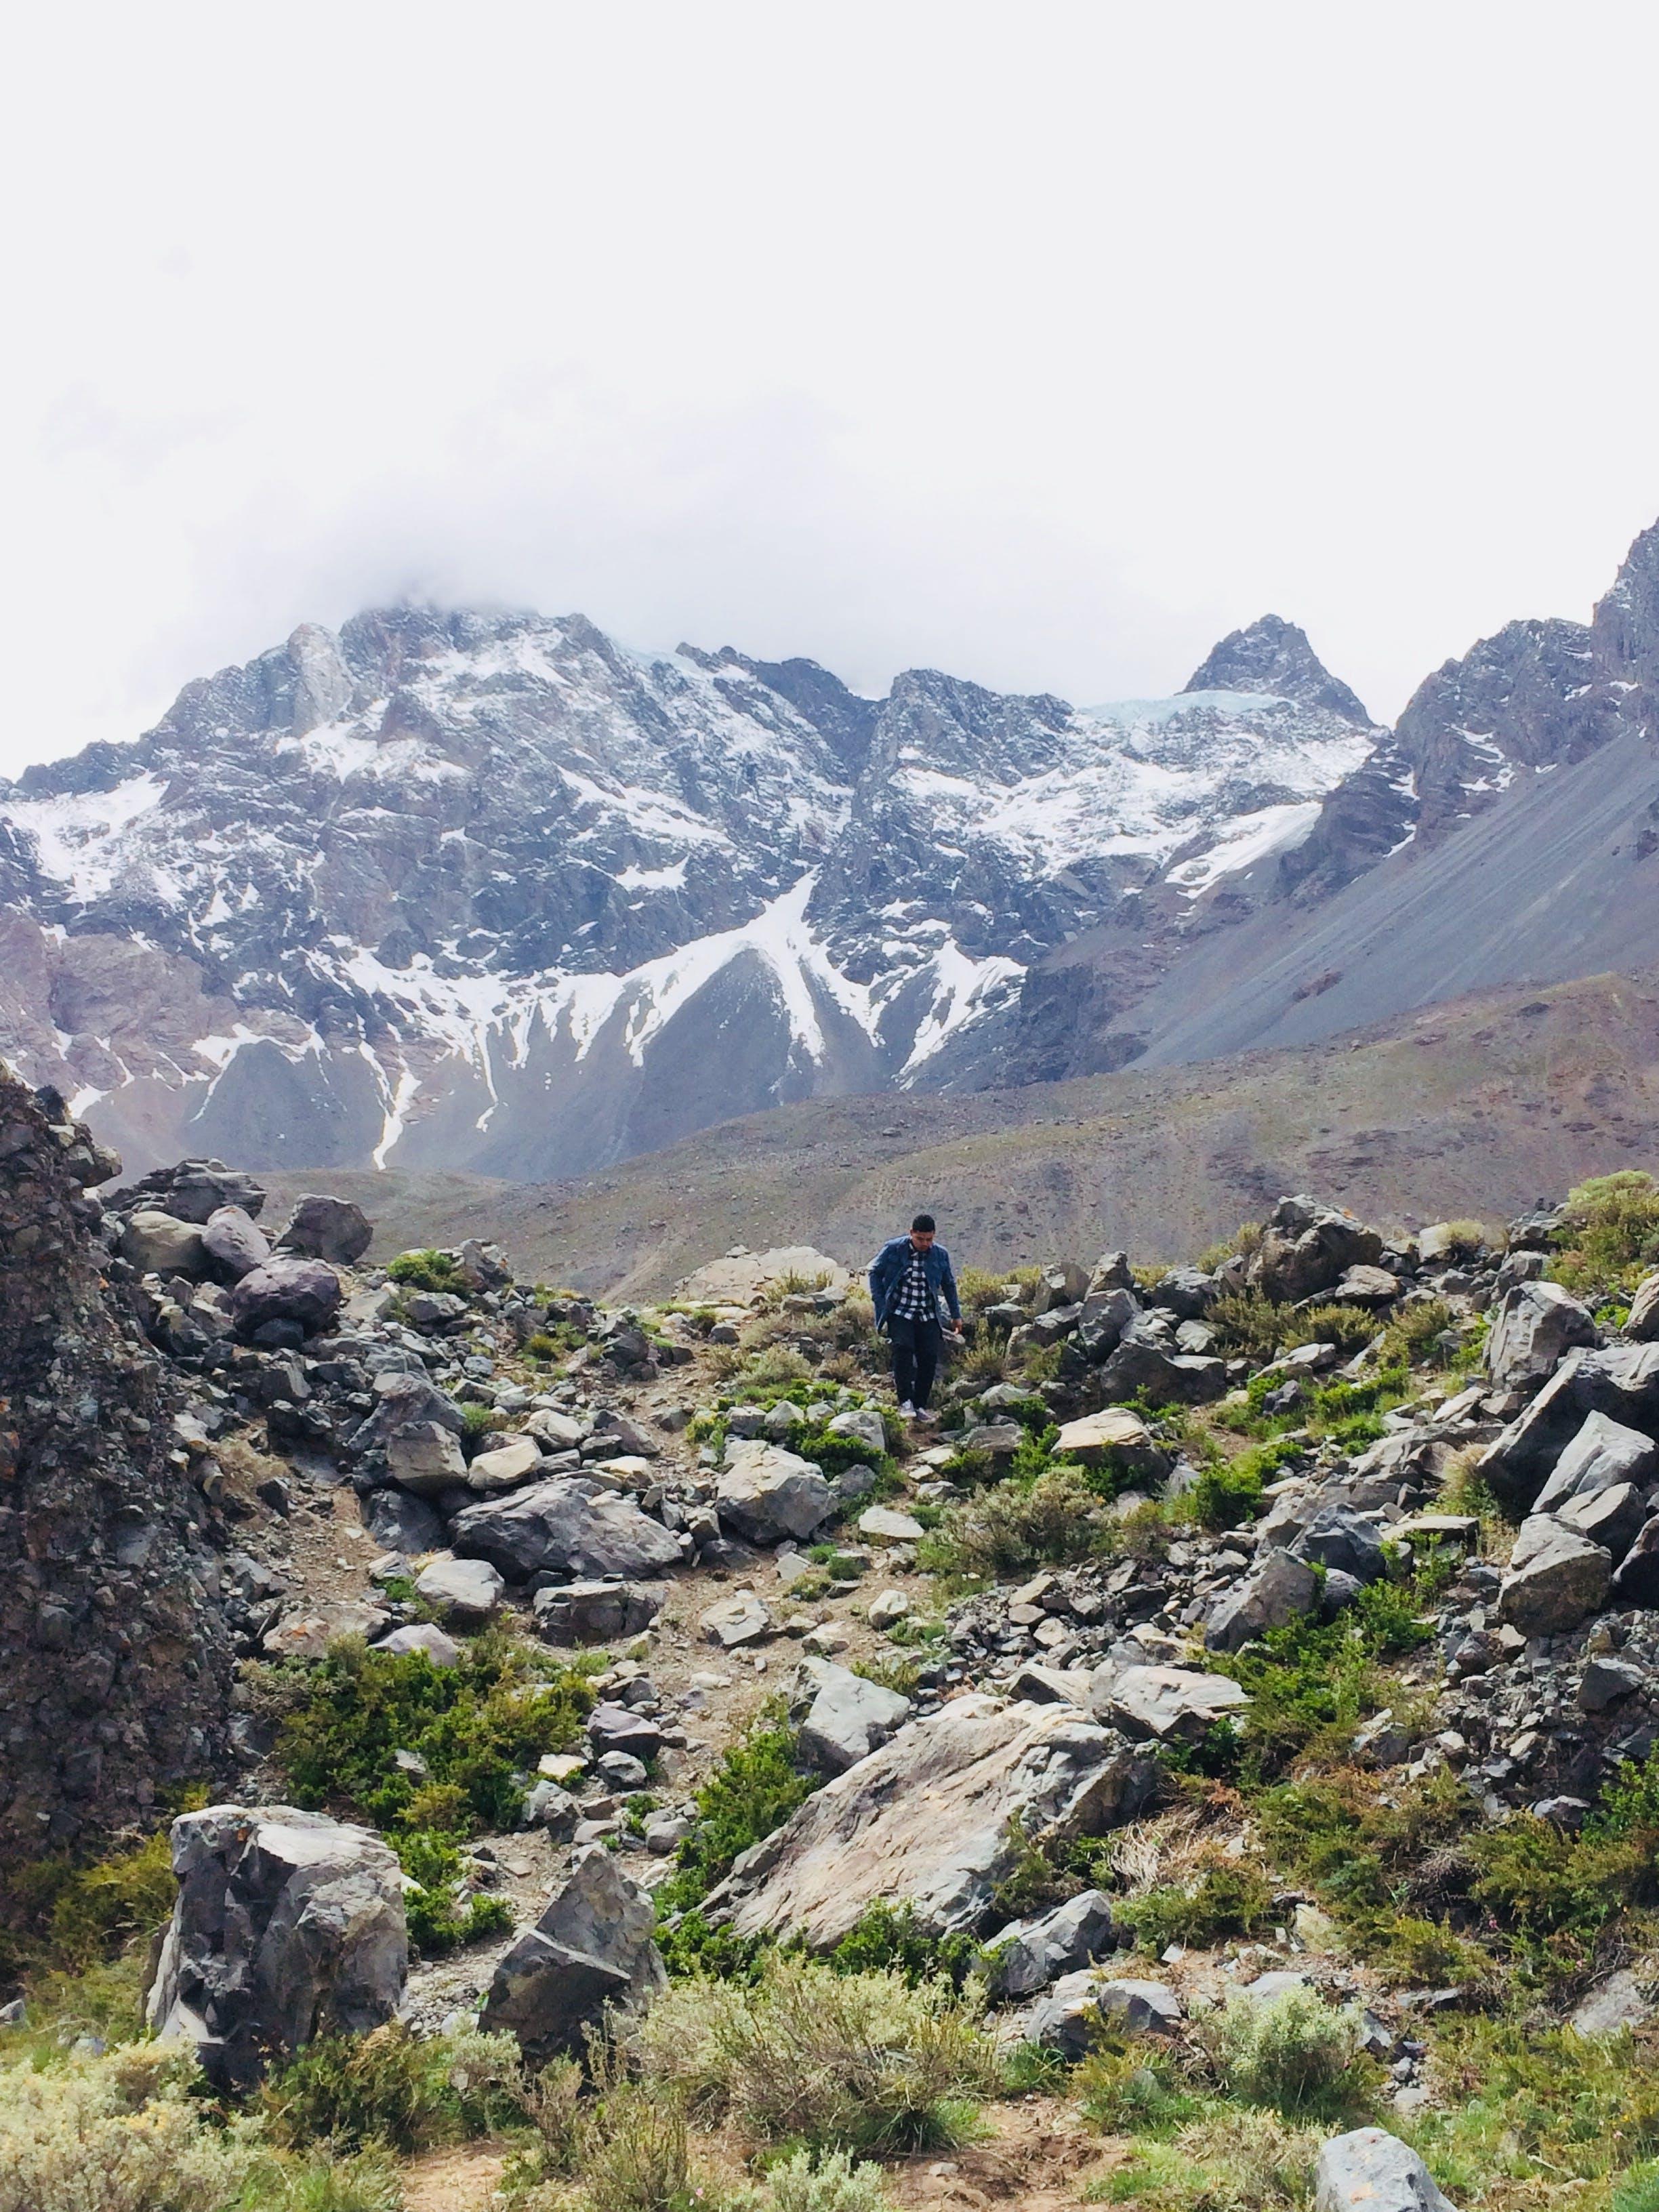 Man Walking on Rock Background of Mountain